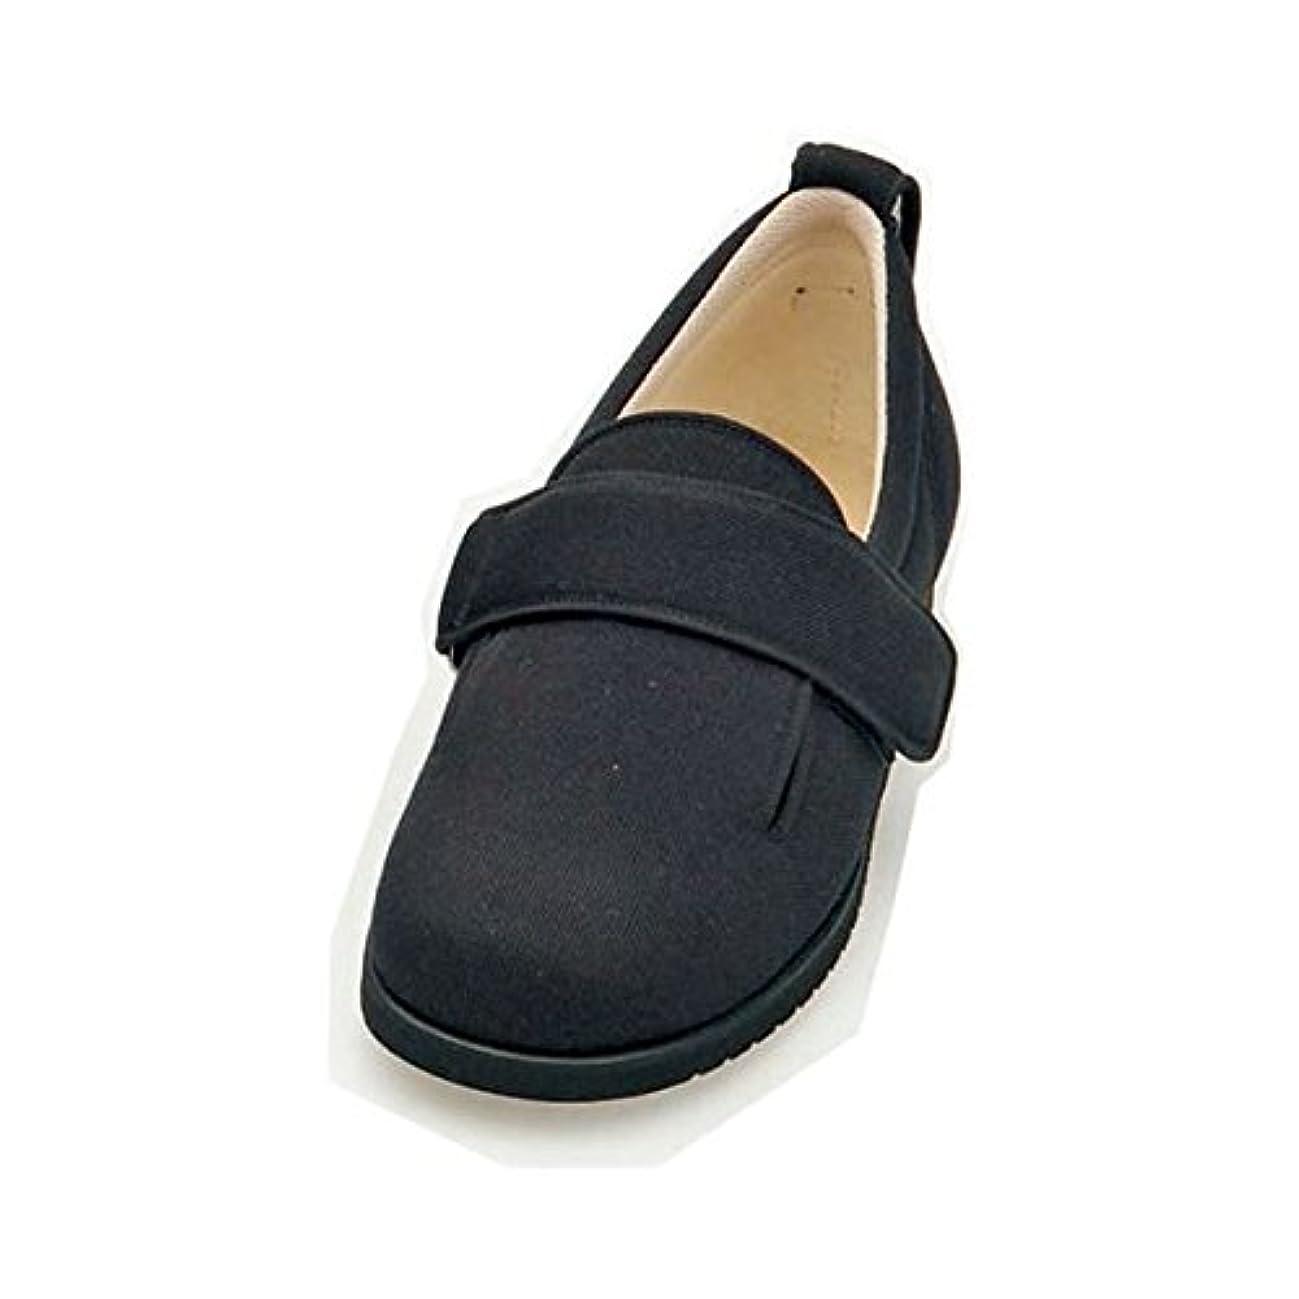 介護靴 施設 院内用 ダブルマジック2 7E(ワイドサイズ) 7006 両足 徳武産業 あゆみシリーズ /6L (28.0~28.5cm) ブラック ファッション 靴 シューズ サポートシューズ 室内用 [並行輸入品]